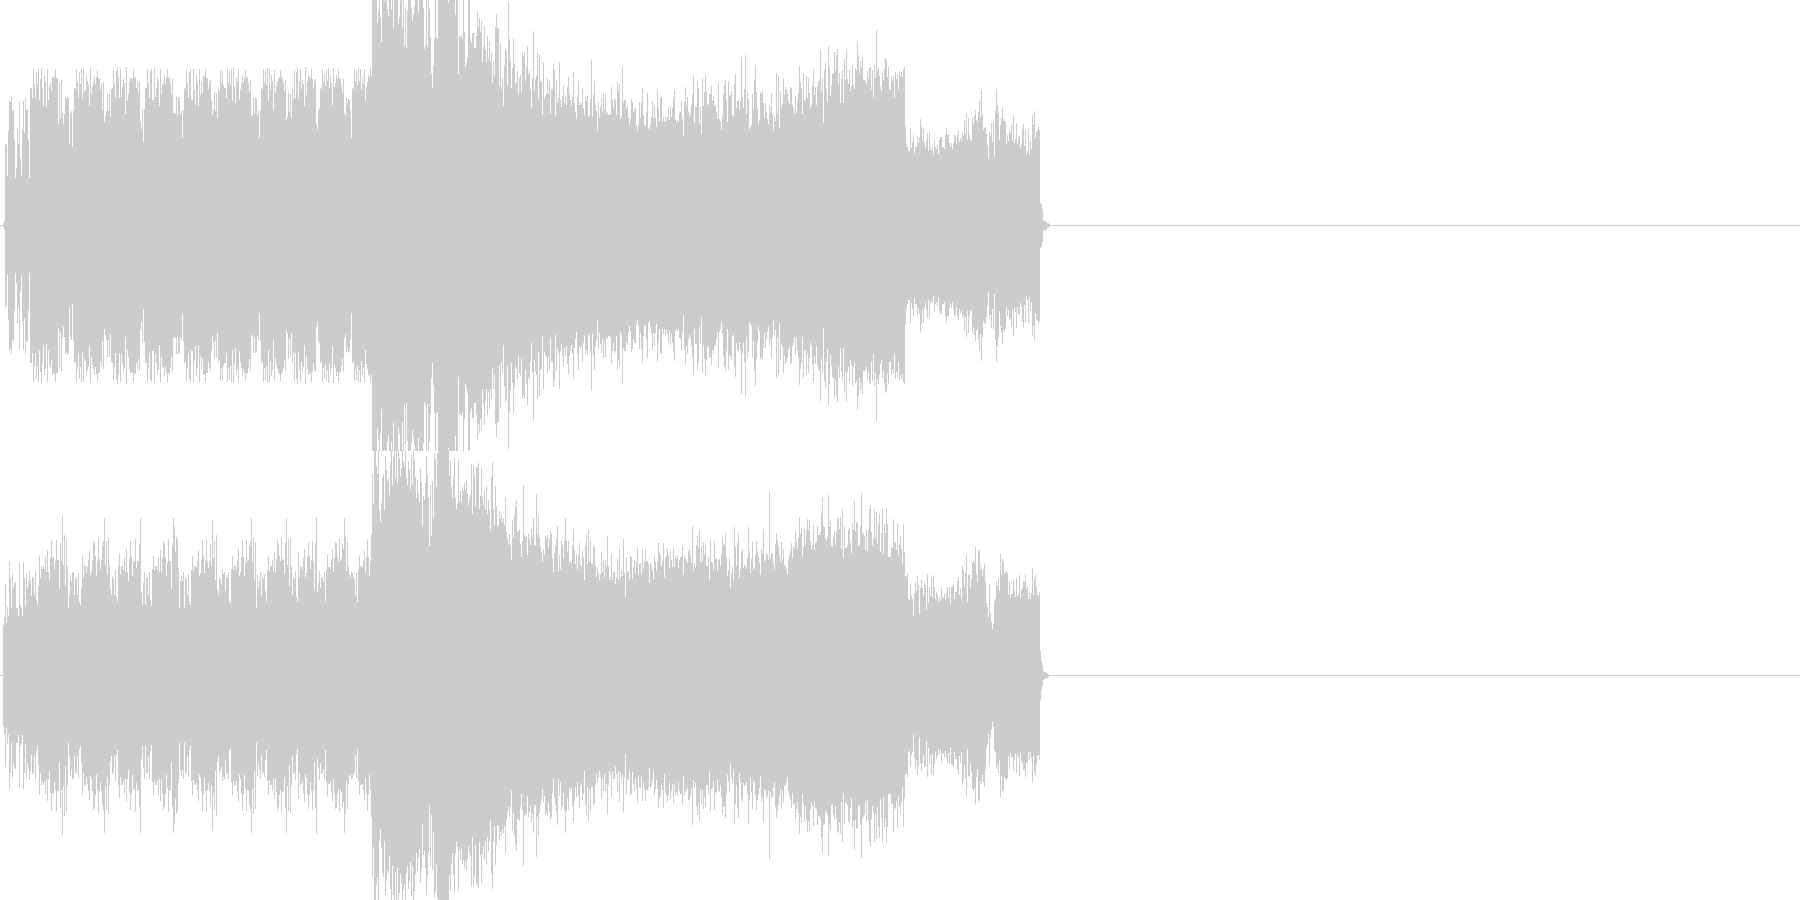 ラジオジングル制作キットの未再生の波形